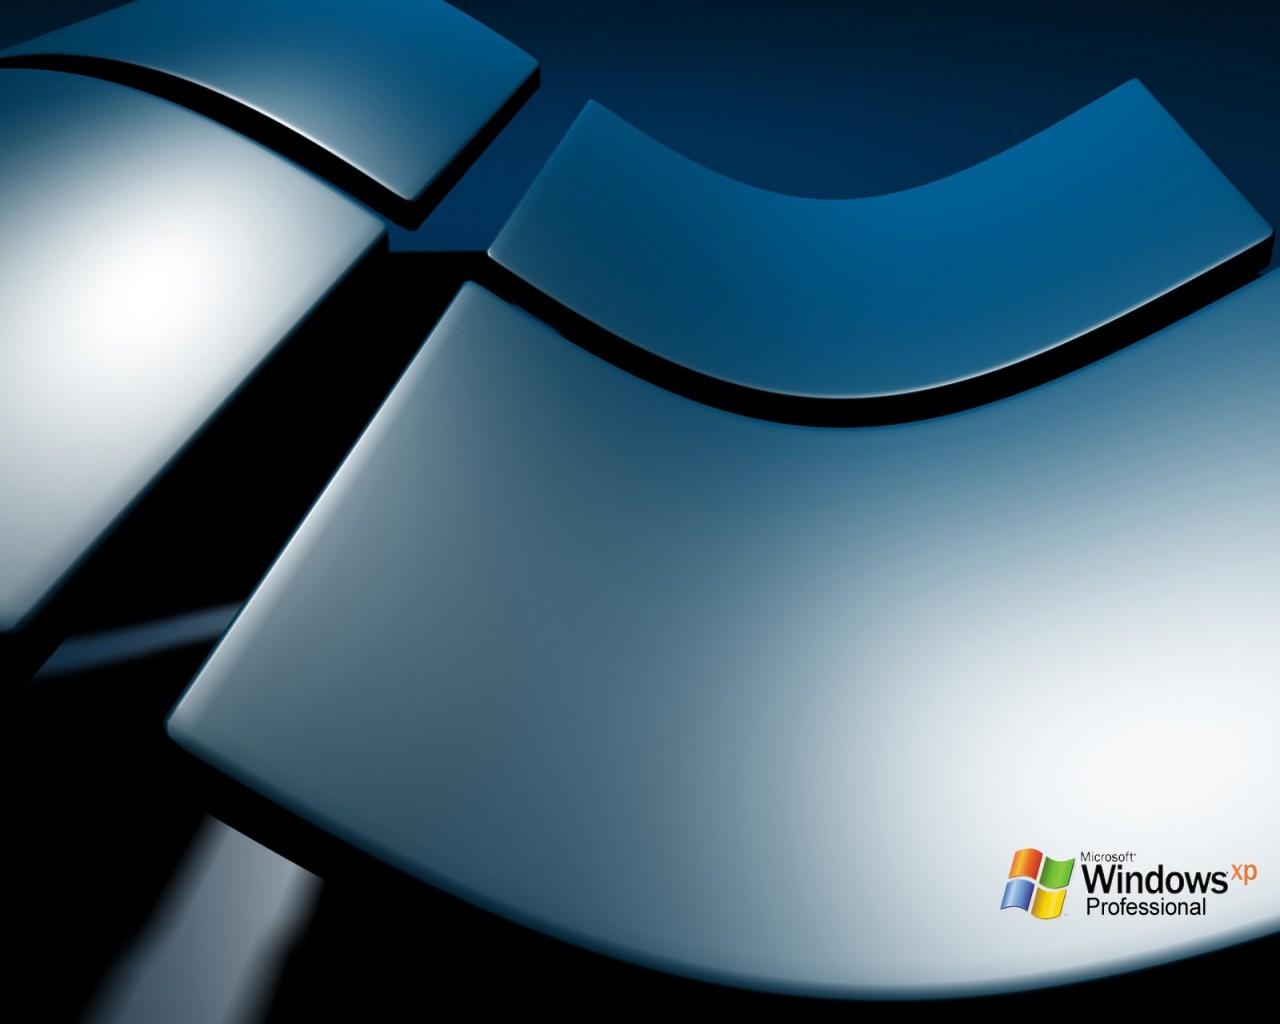 FONDITOS Windows XP Profesional   Computadores Windows XP programas 1280x1024